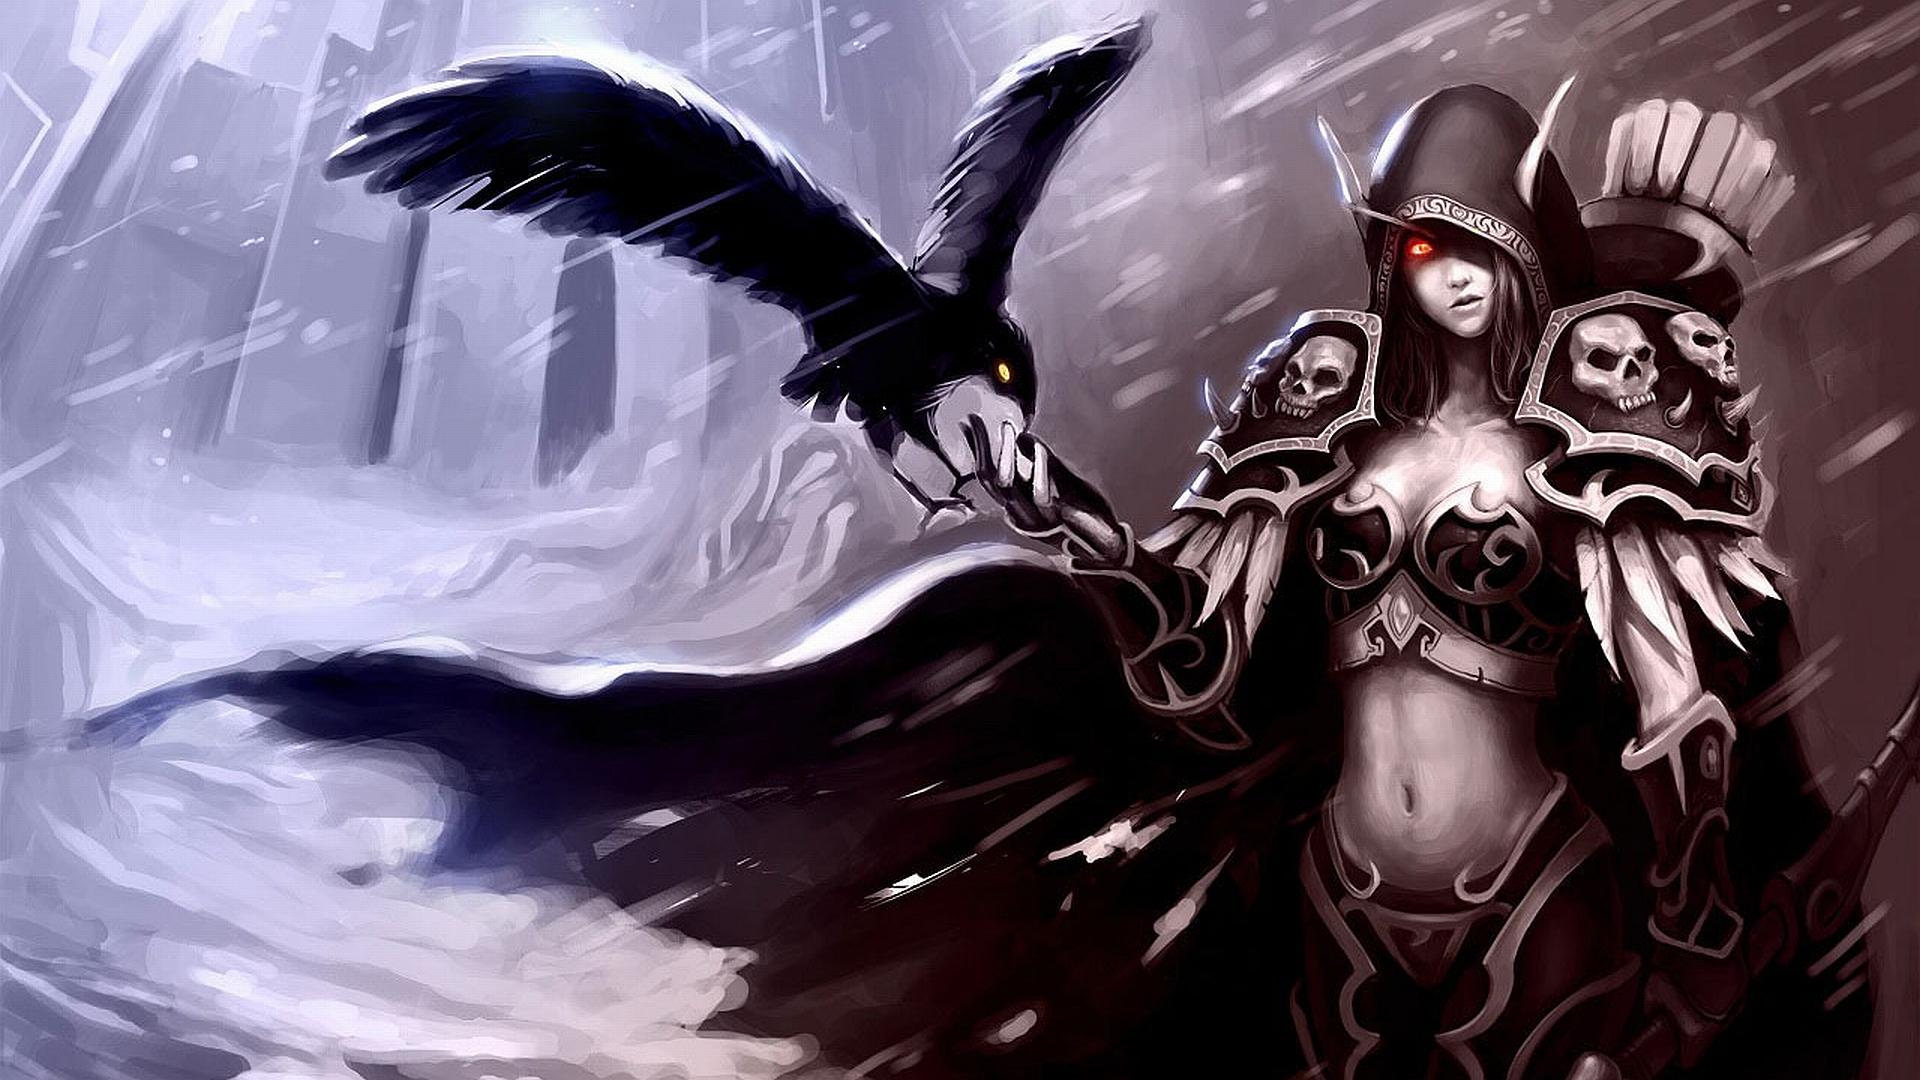 Armor Gothic Rain Raven Sylvanas Windrunner 1920x1080